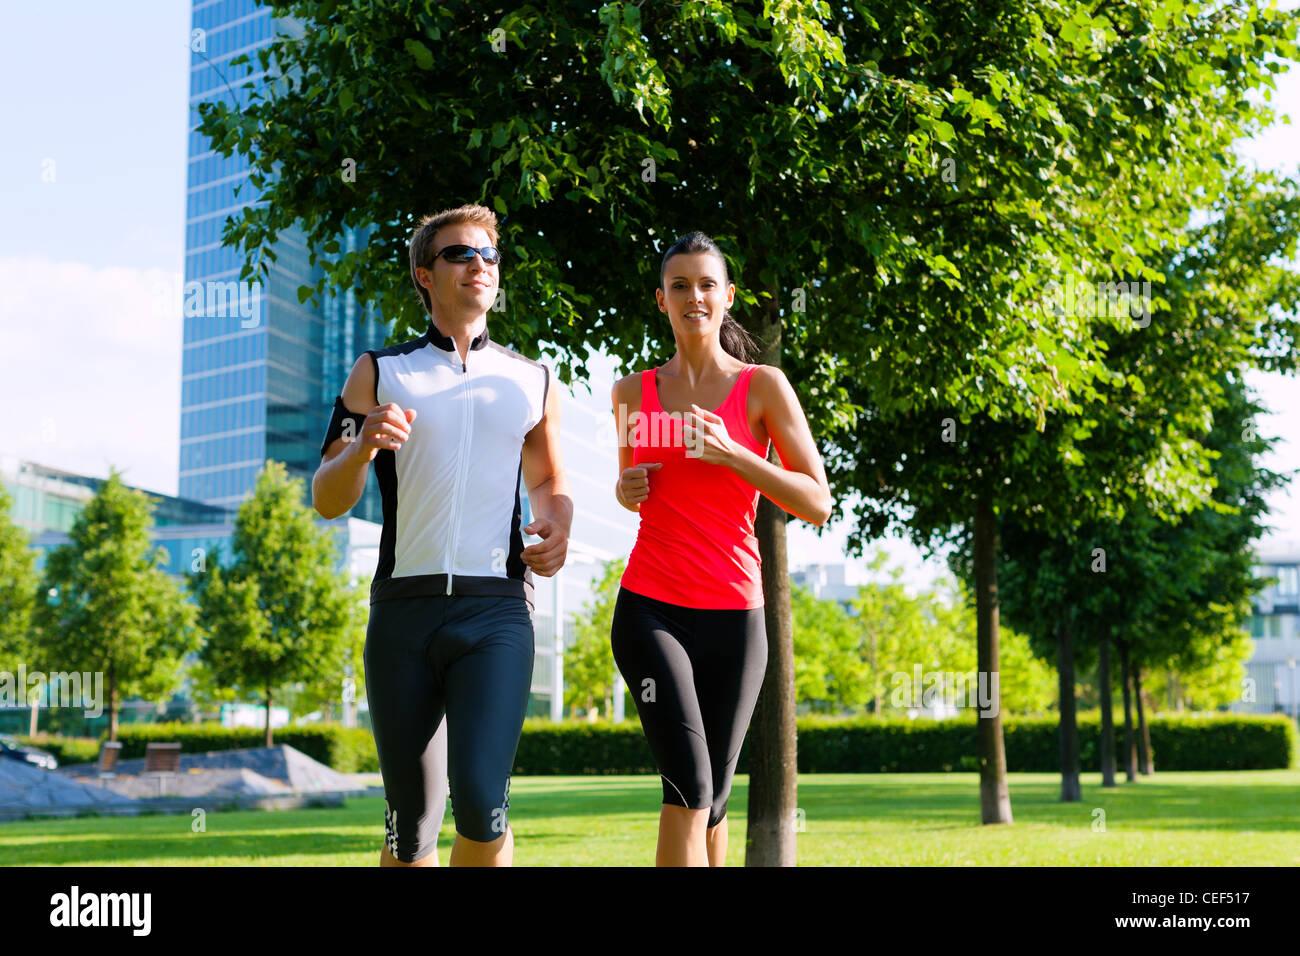 Urbane Sportarten - paar jogging für Fitness in der Stadt an einem schönen Sommertag Stockbild